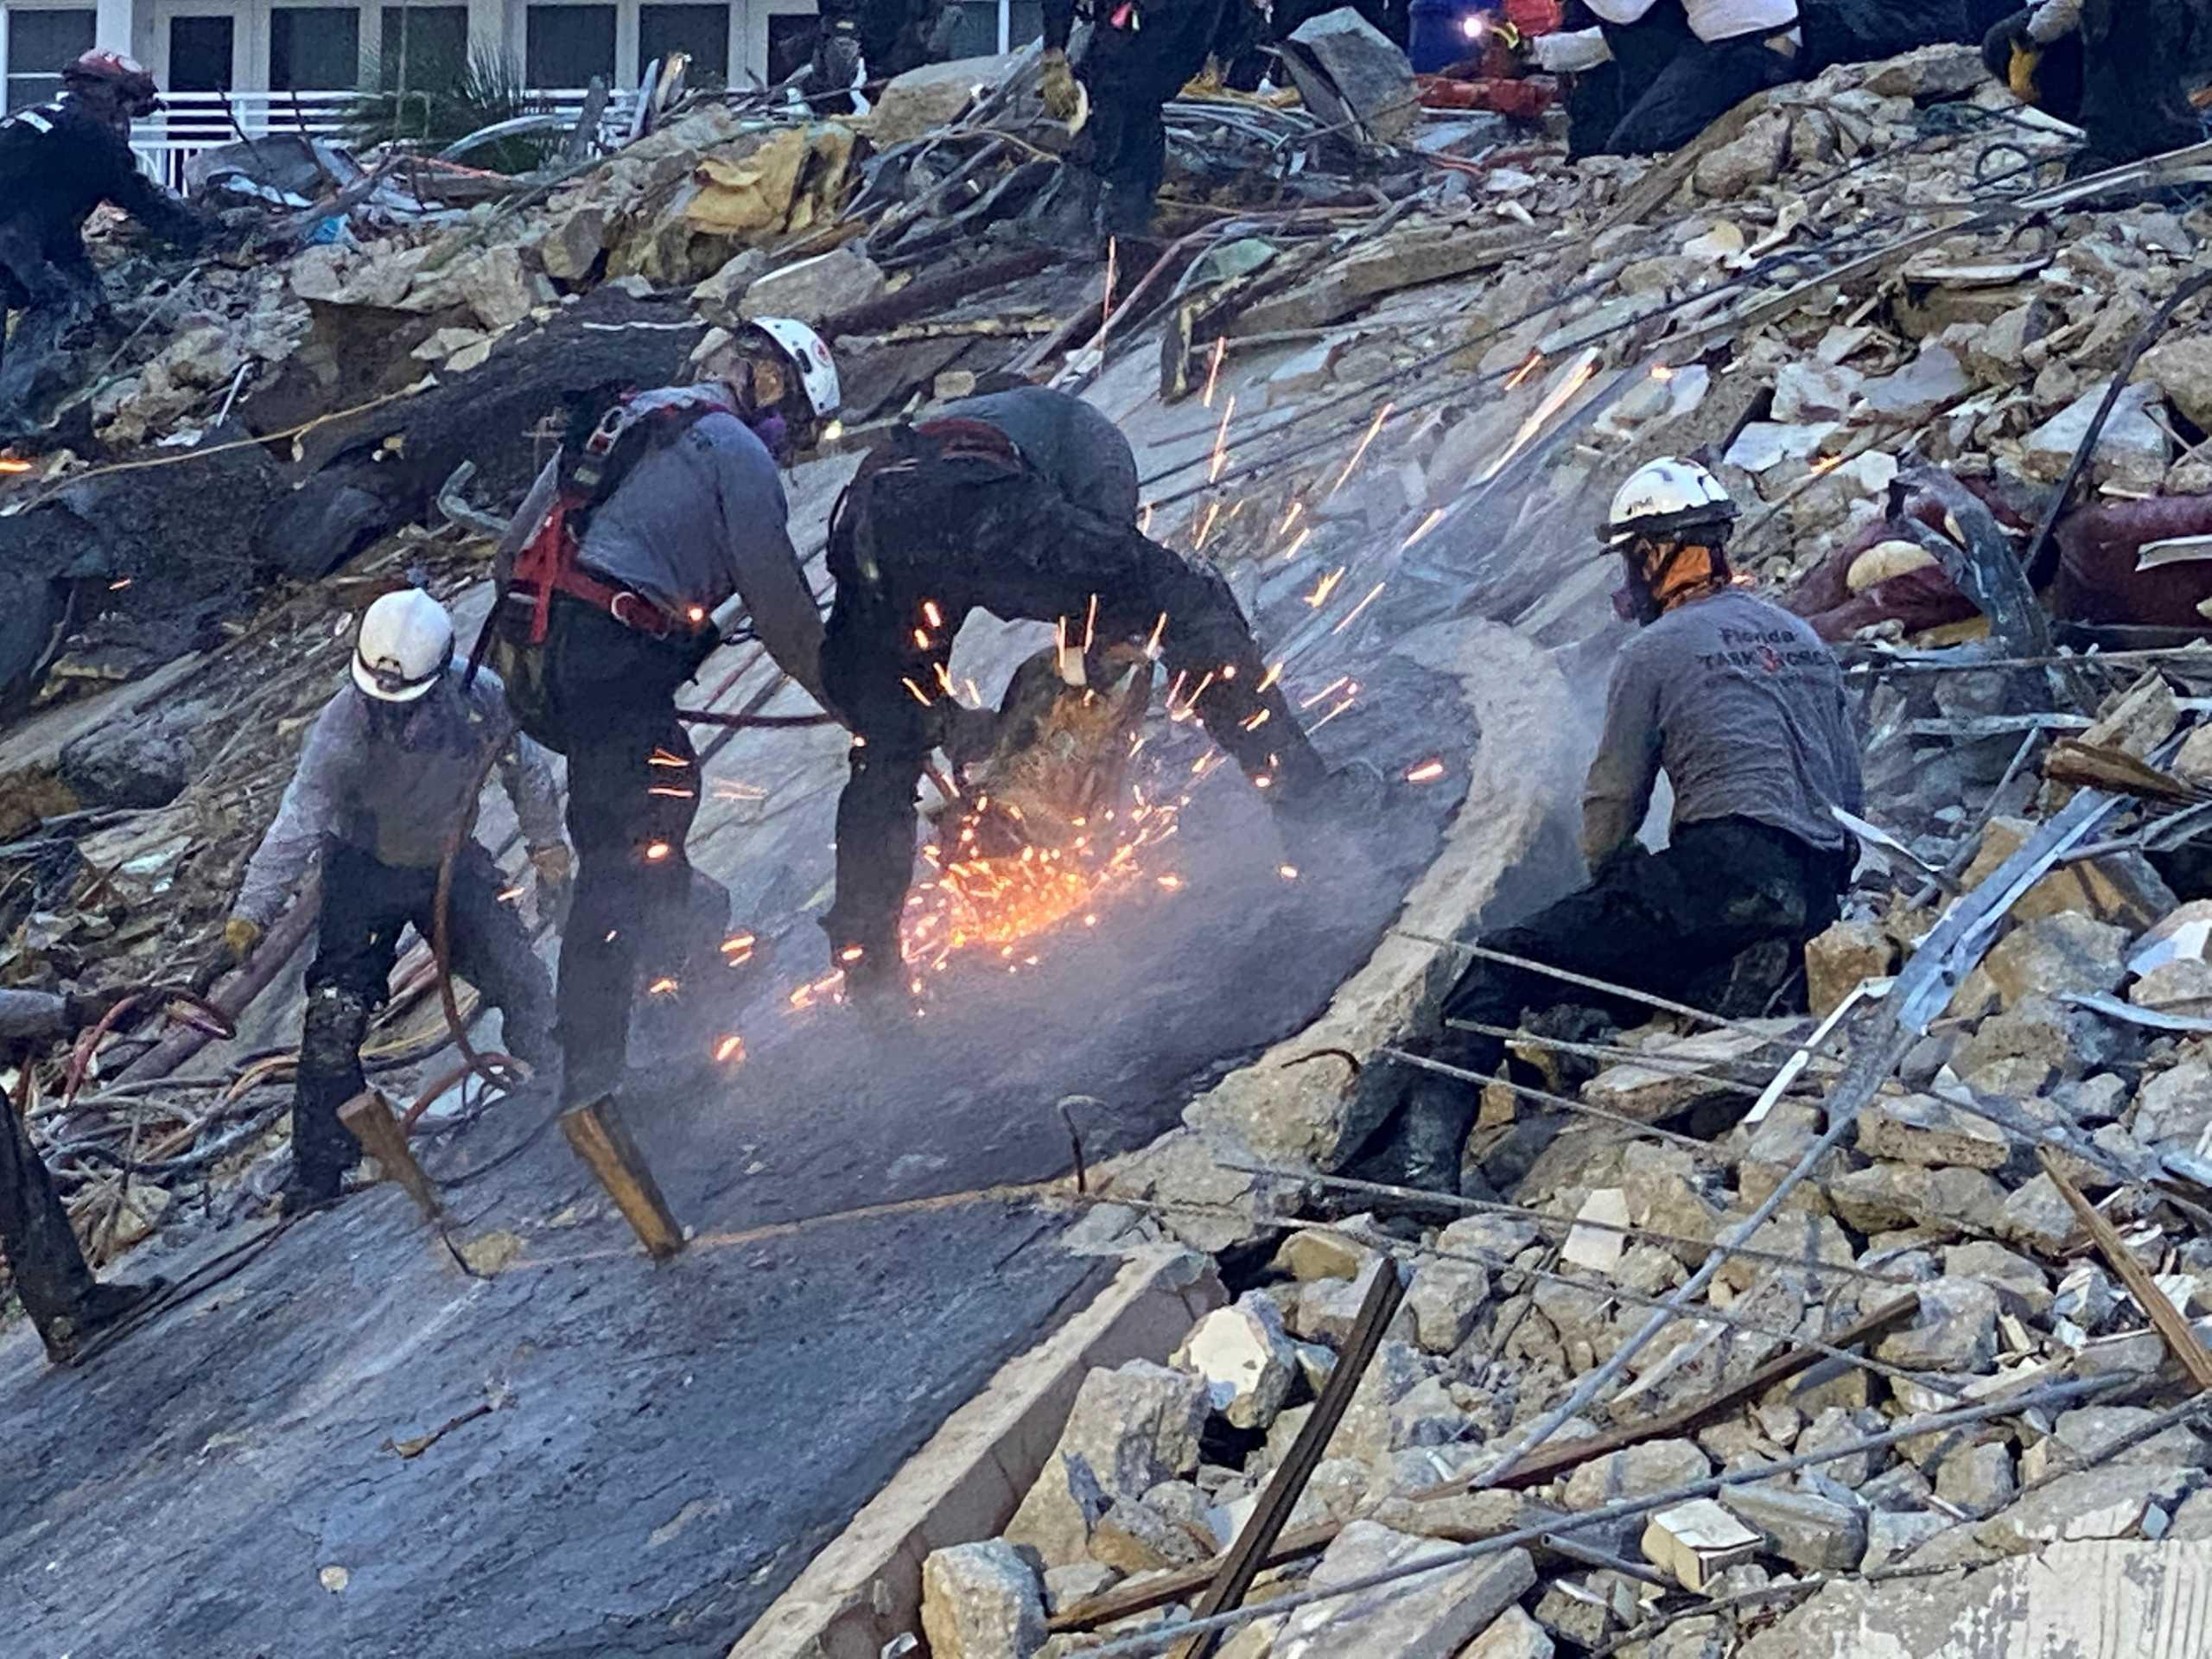 Μαϊάμι: Τουλάχιστον 12 οι νεκροί από την κατάρρευση της πολυκατοικίας (pics)